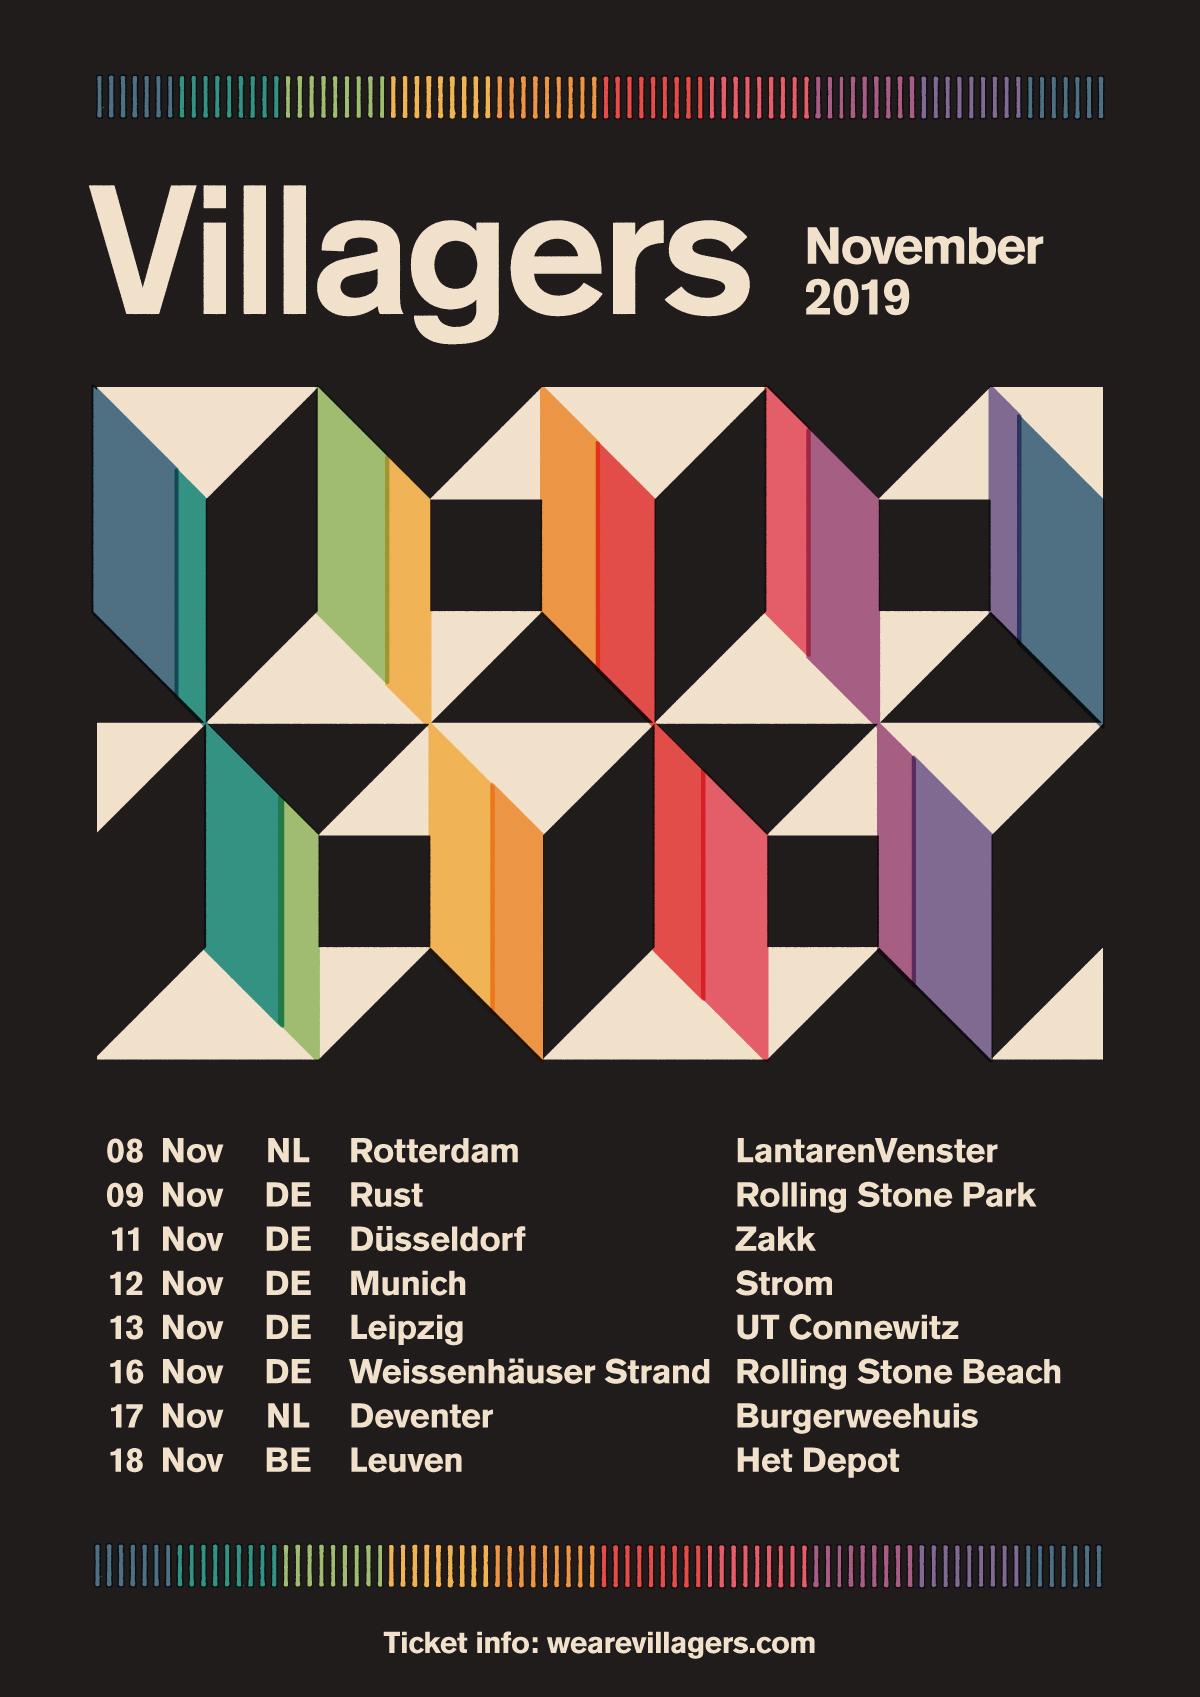 Villagers-November2019.jpg